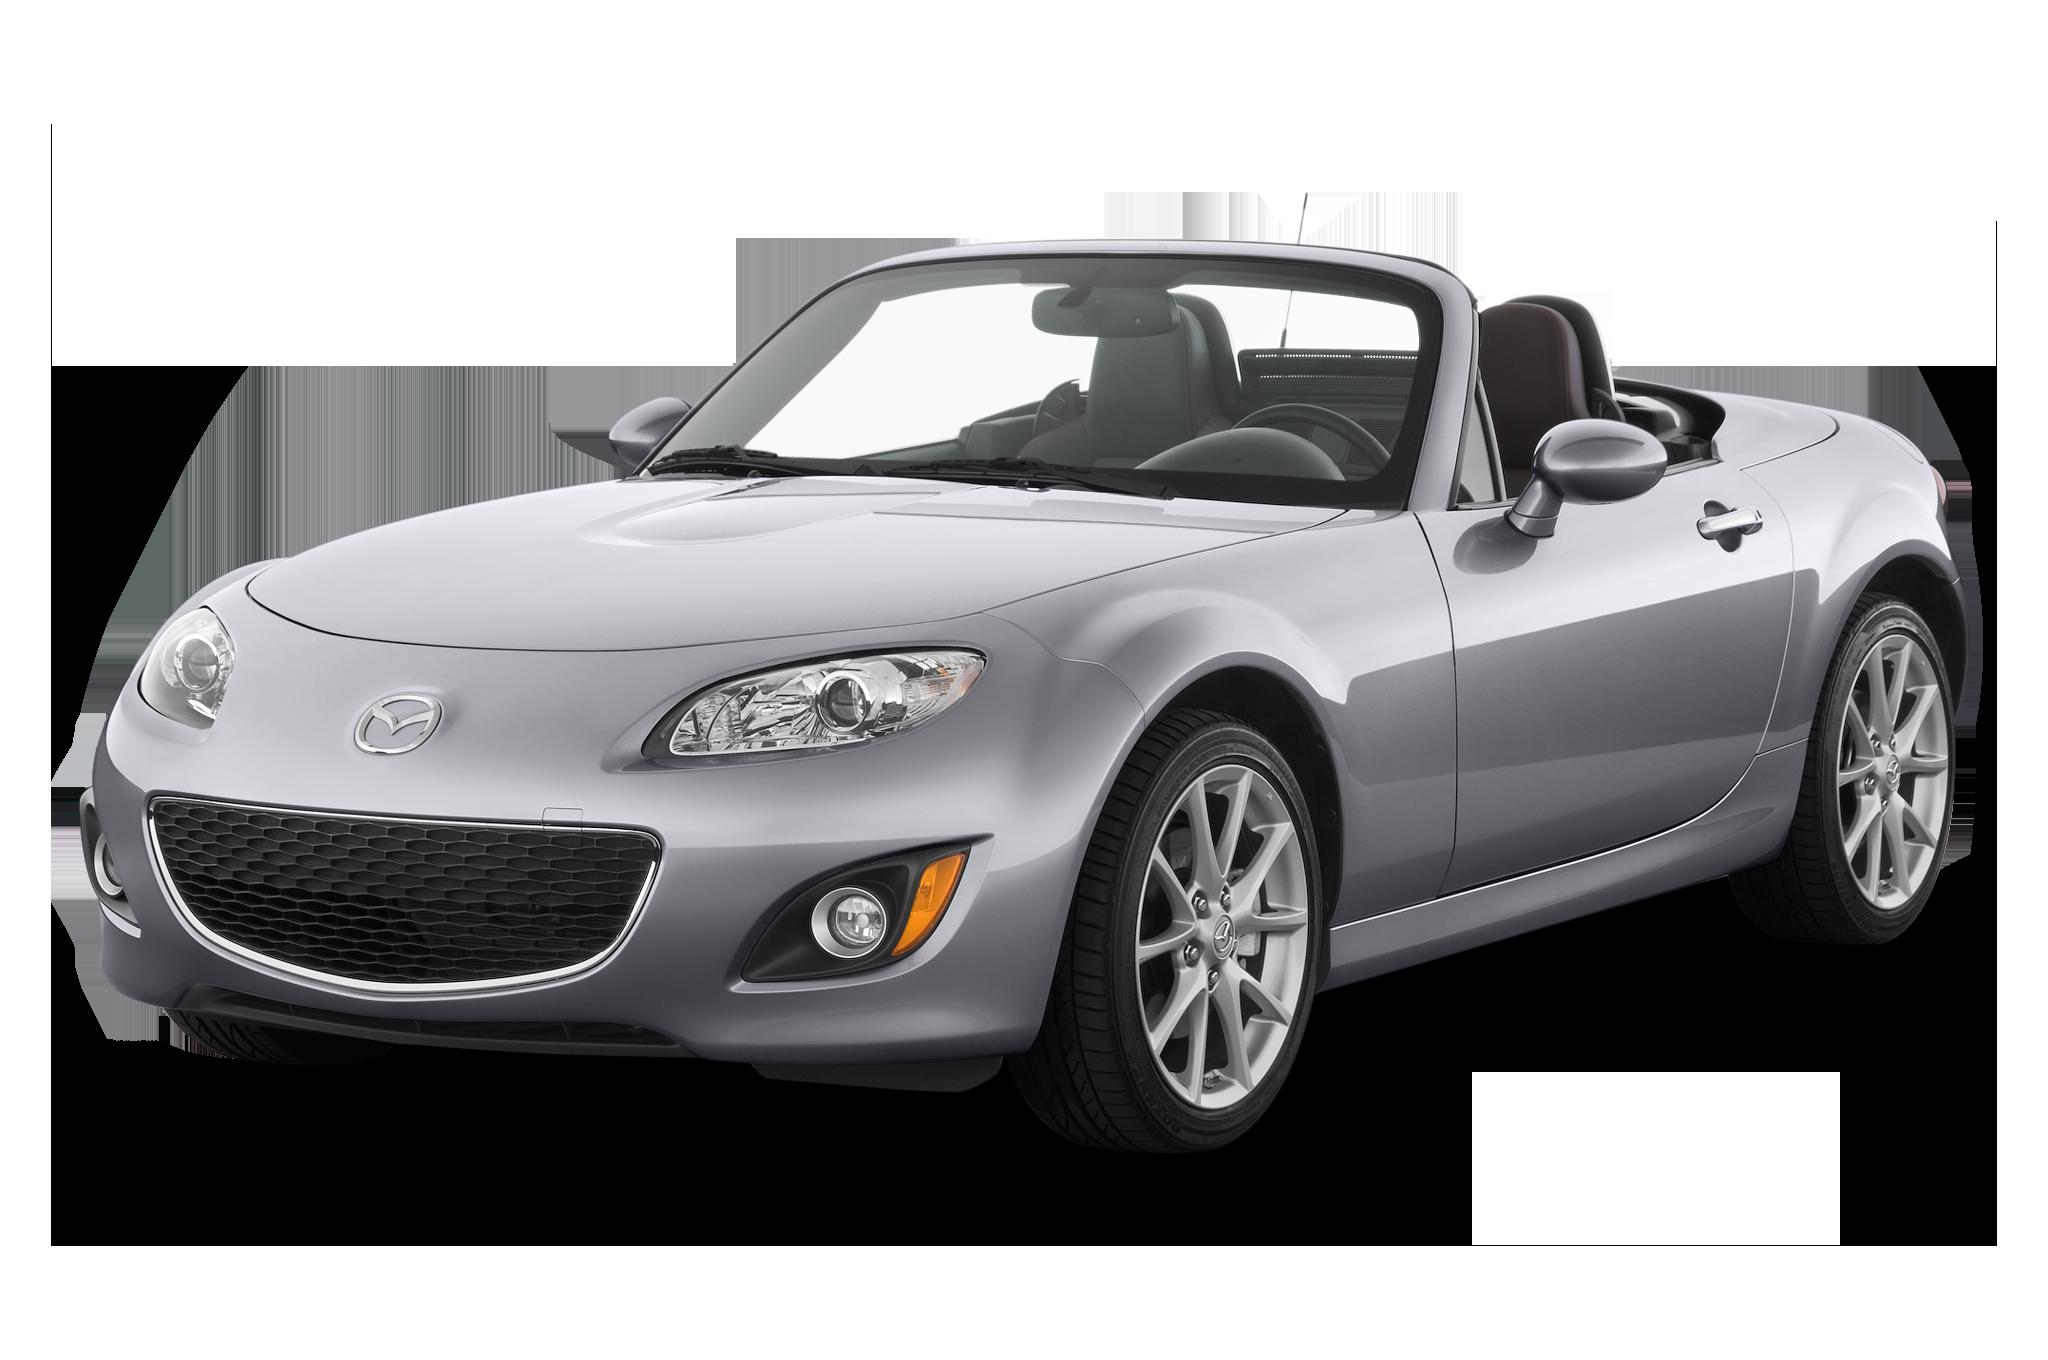 2012 Mazda Miata